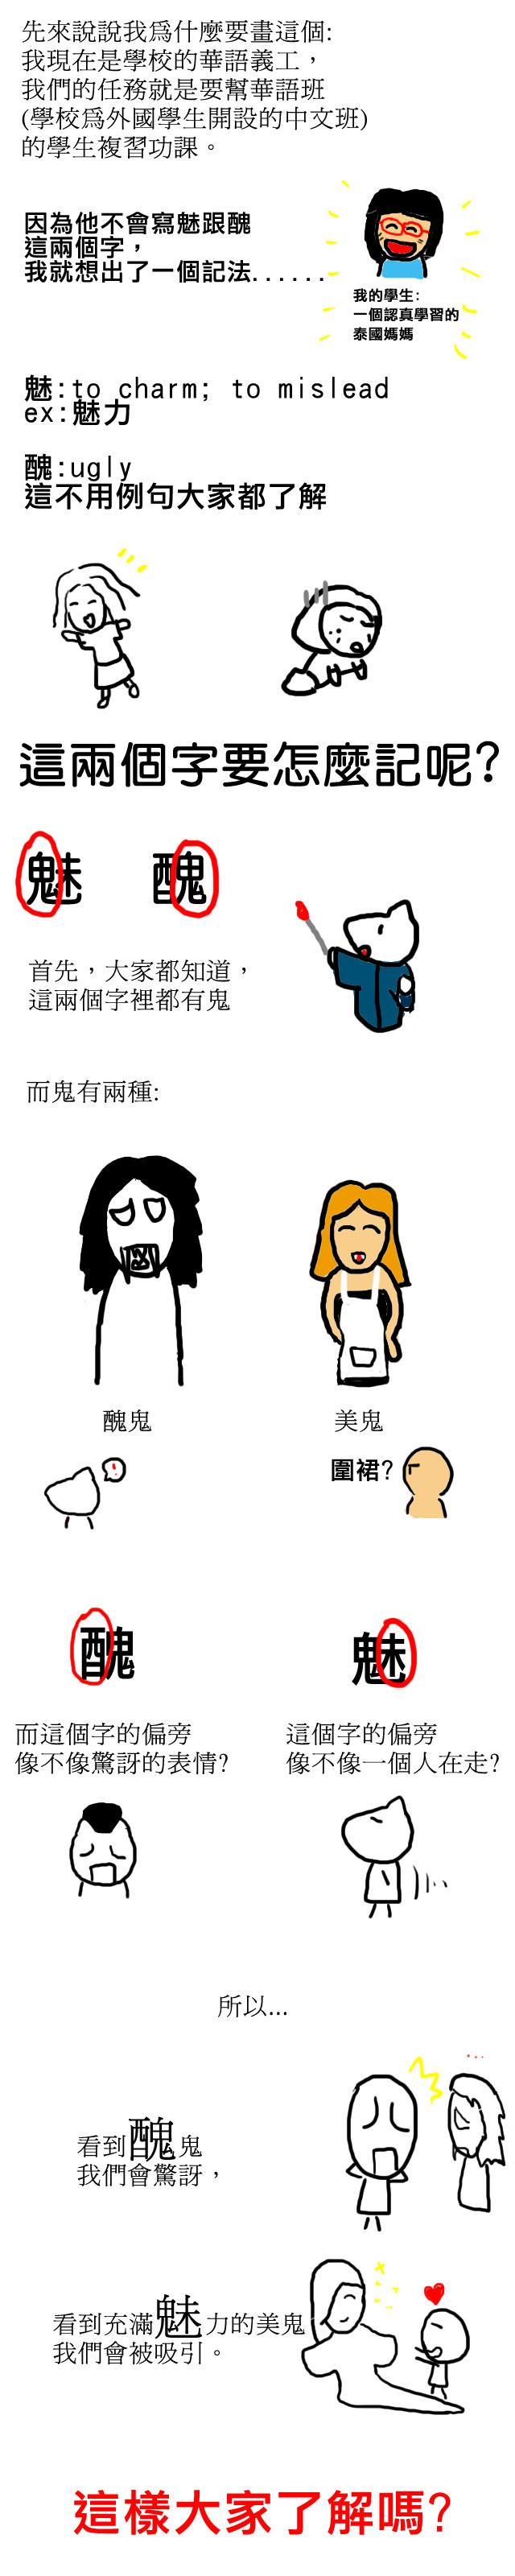 國文教室1.jpg